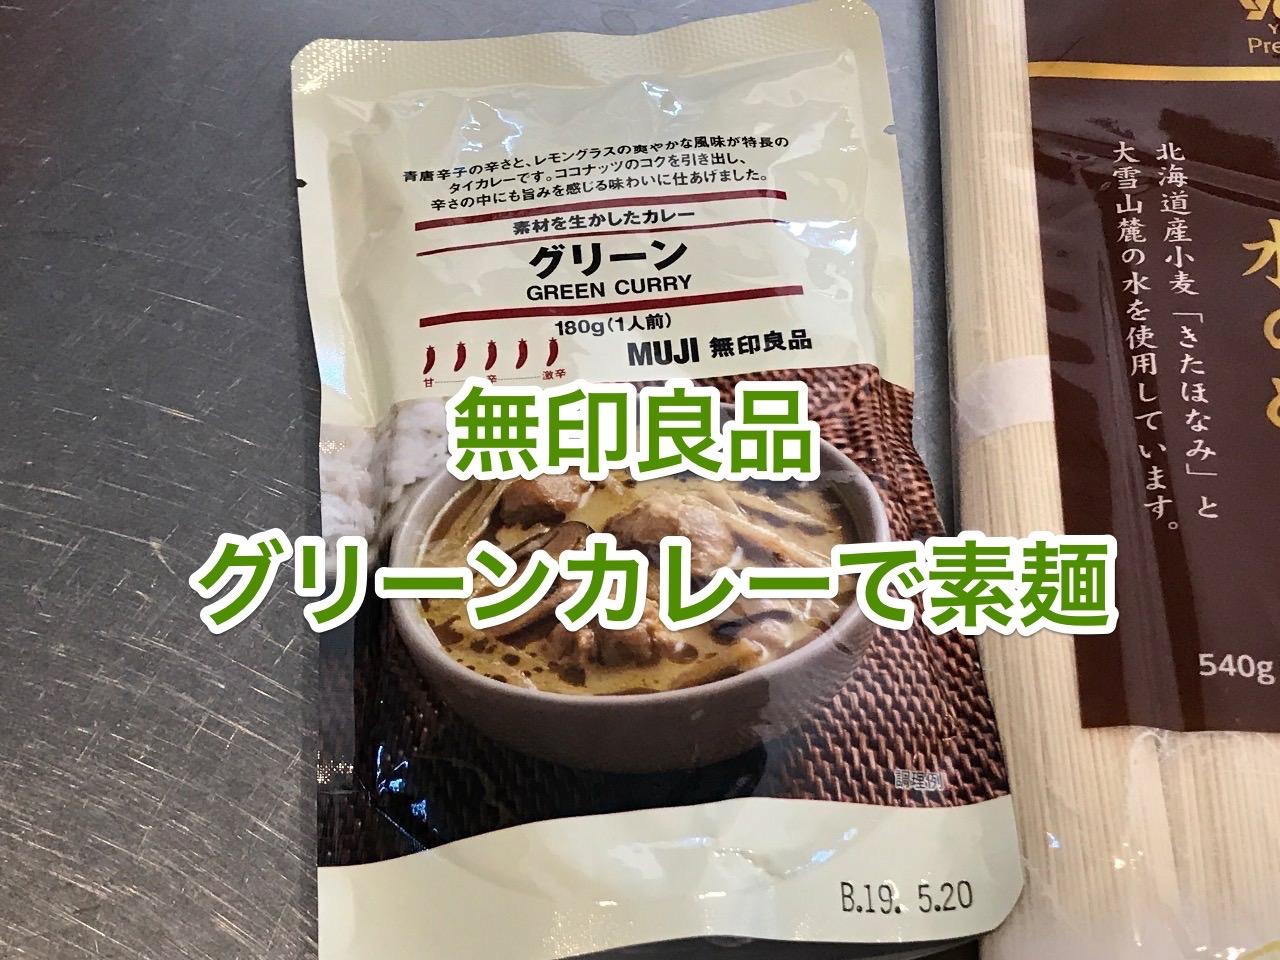 【無印良品】夏にオススメ!レトルトの激辛グリーンカレーで素麺!